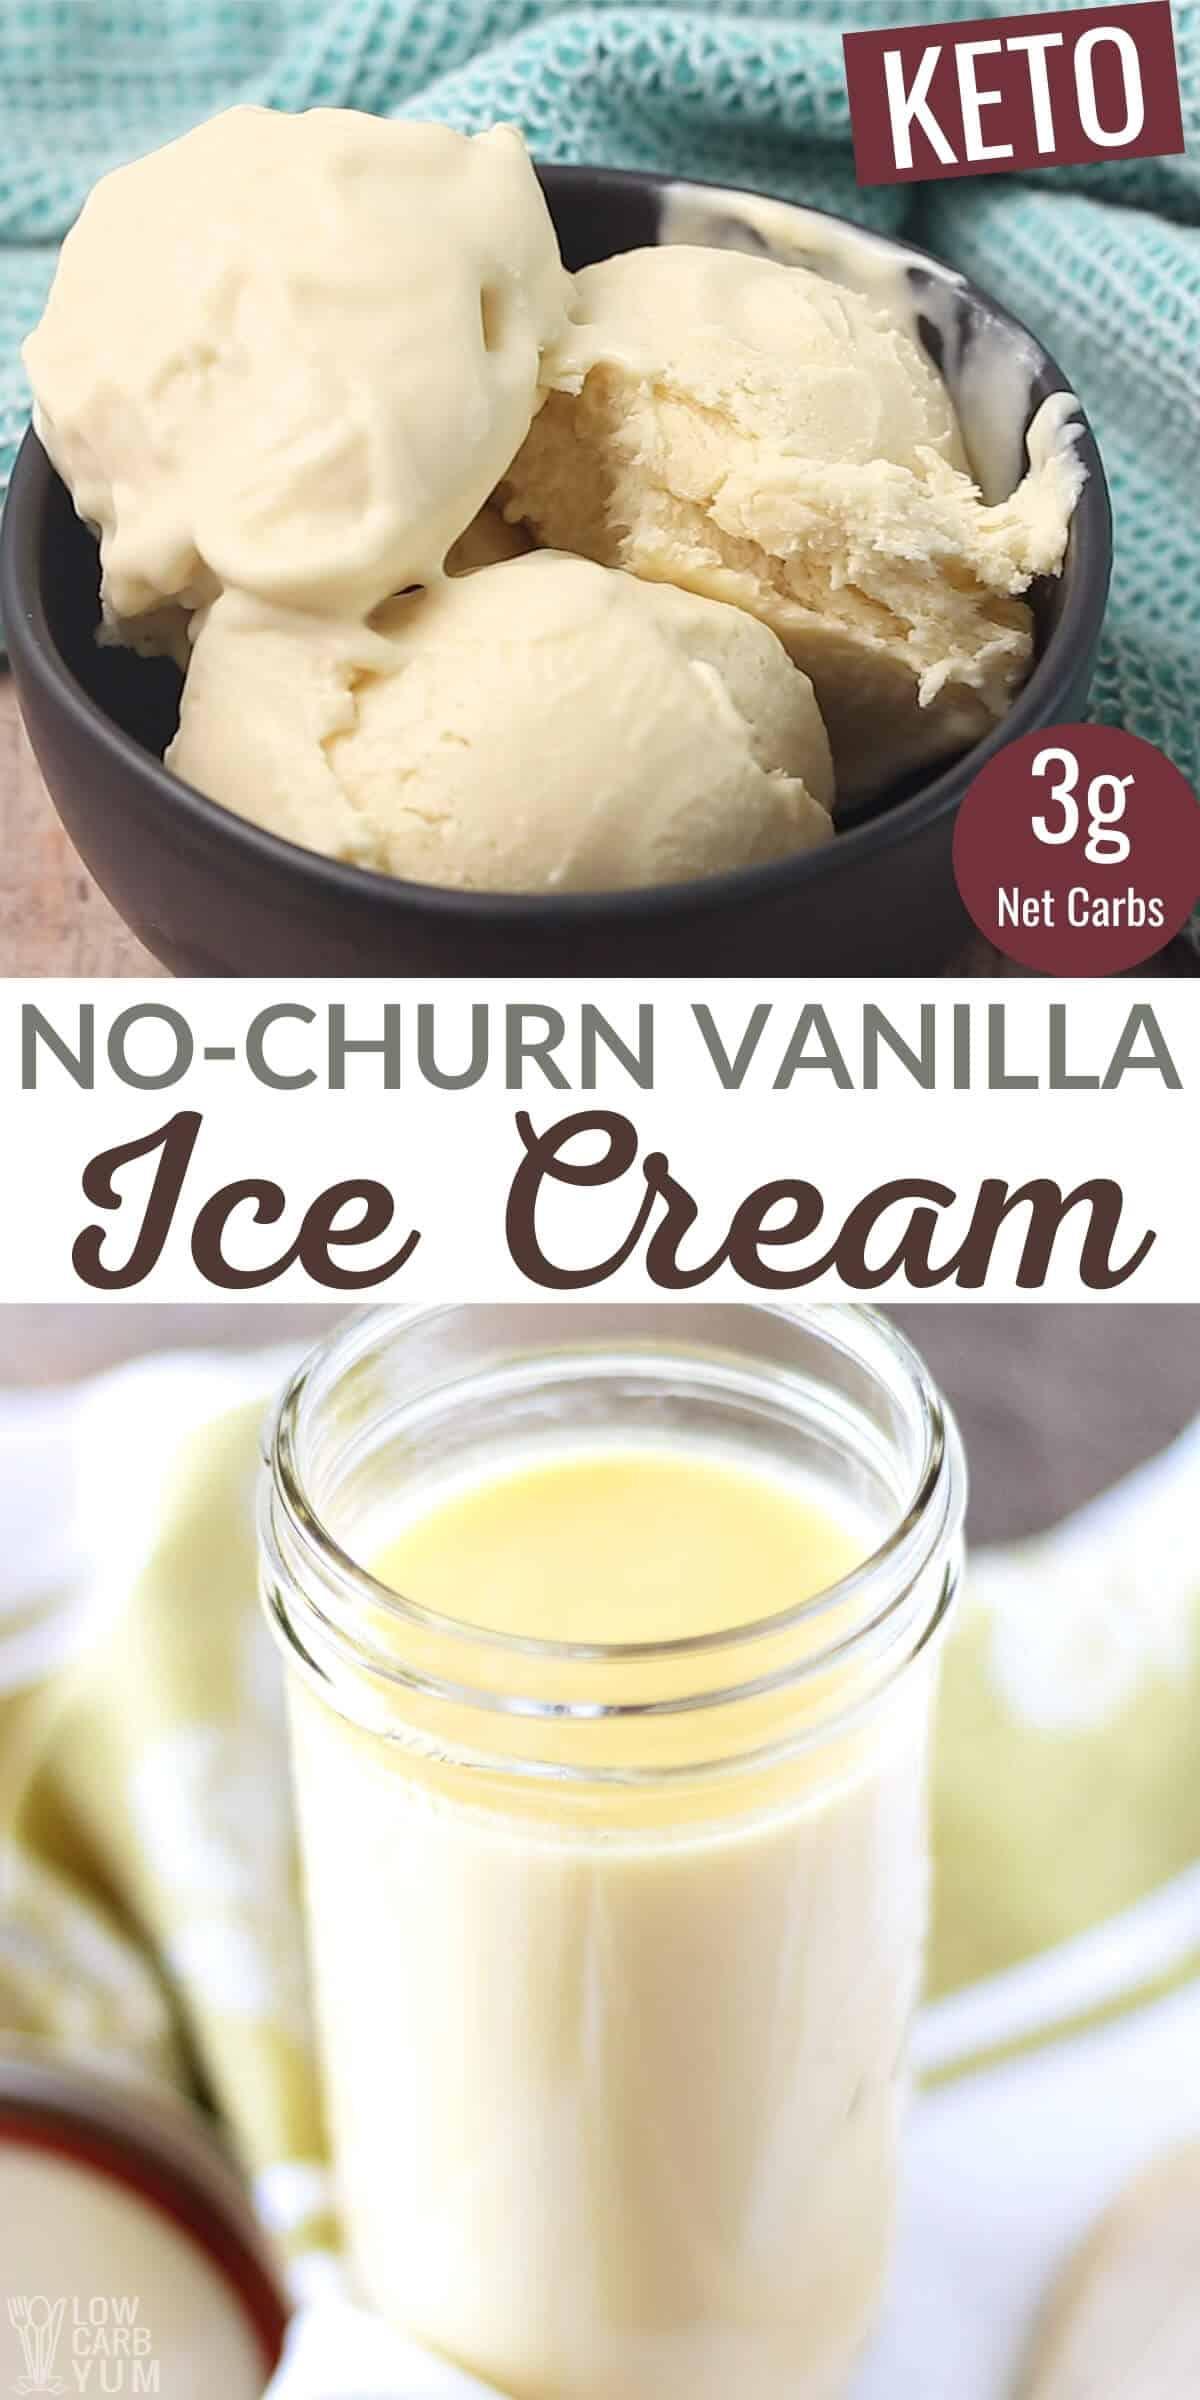 no churn keto vanilla ice cream